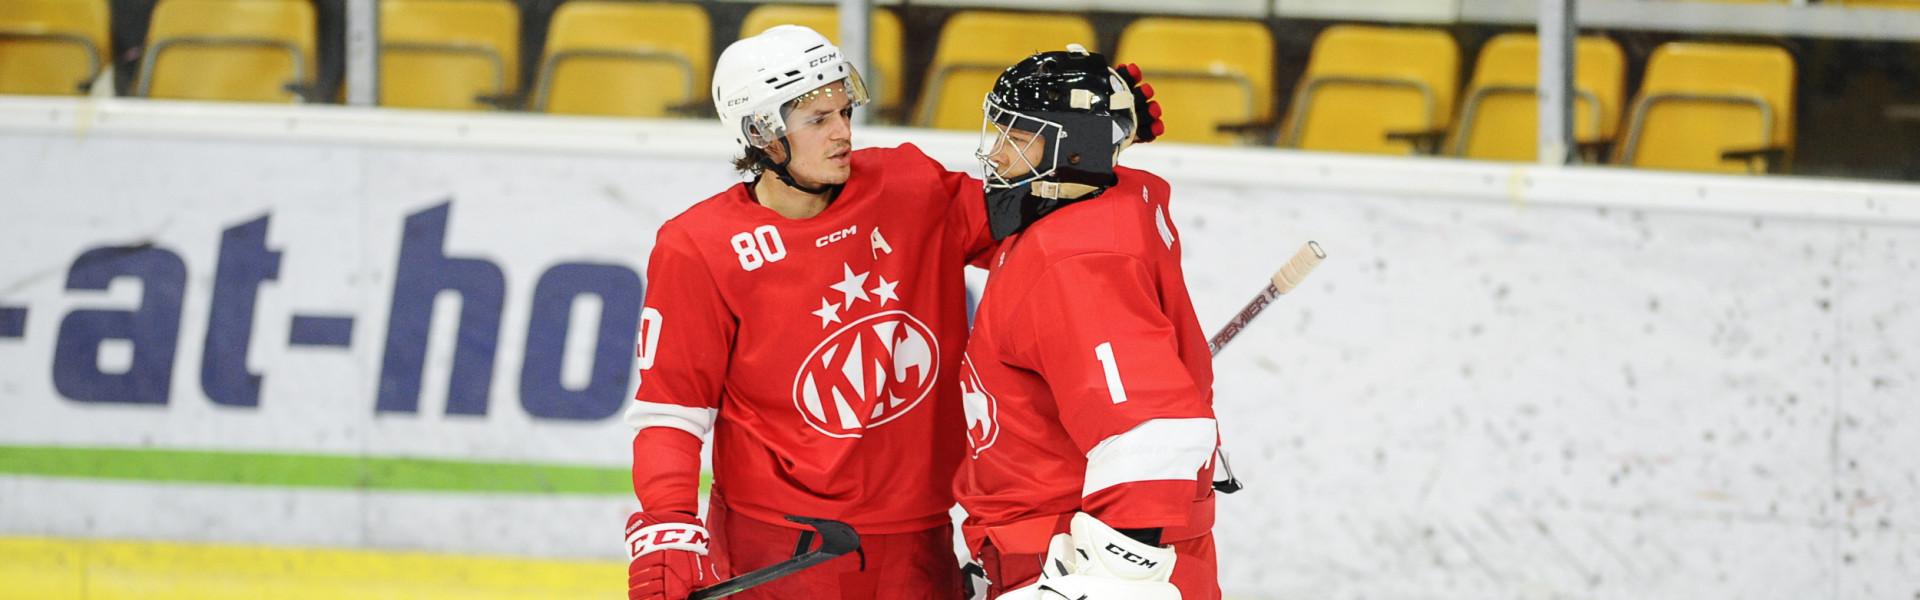 Torhüter Niki Kraus und Goalie Val Usnik